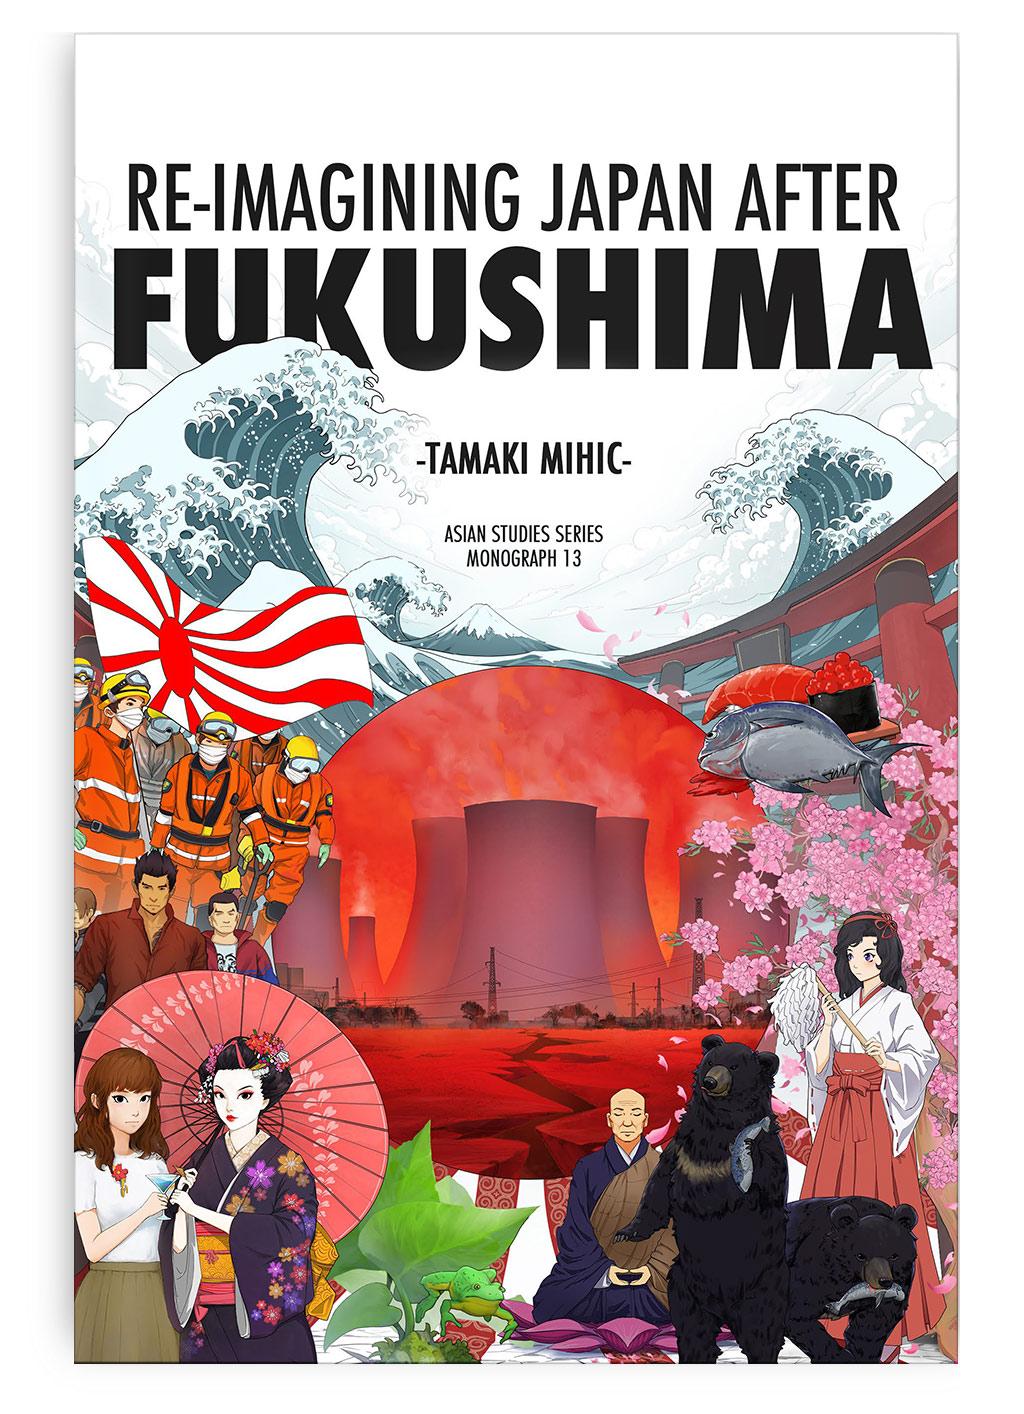 Re-imagining Japan after Fukushima